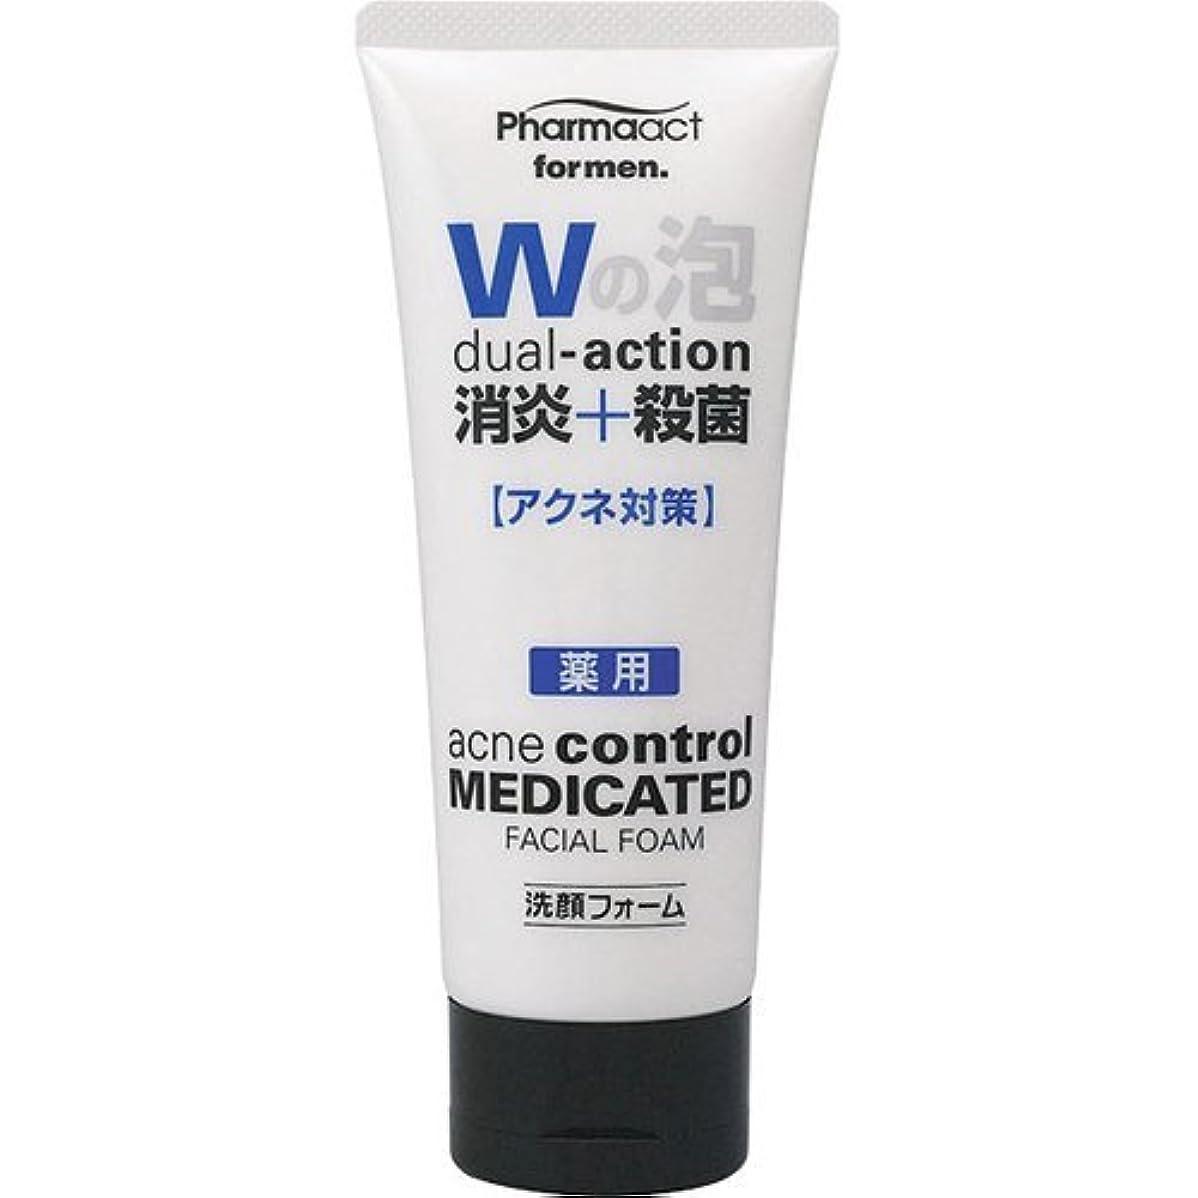 コークス彼らのものおばあさんファーマアクト メンズ消炎+殺菌 薬用洗顔フォーム 130g